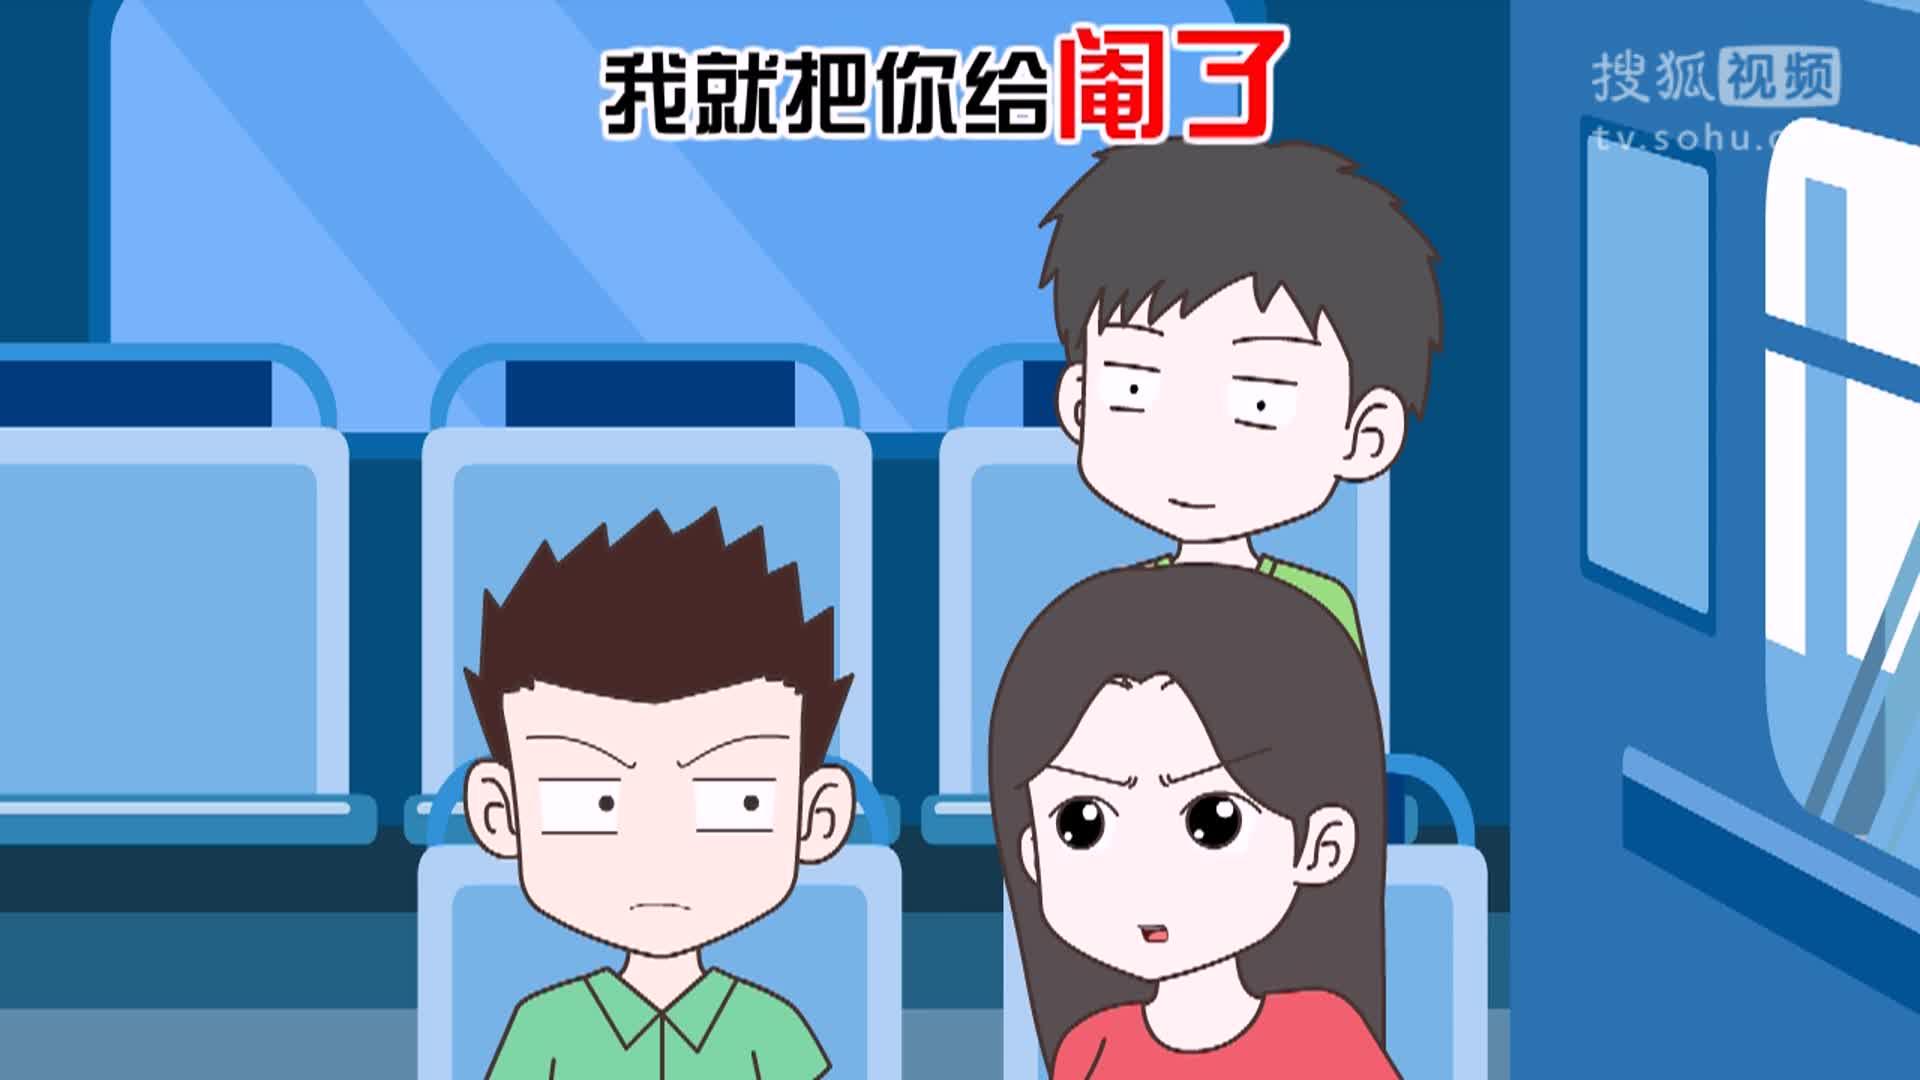 【独播】冷三笑:第二季 第216集 公交车上男女大谈出轨.